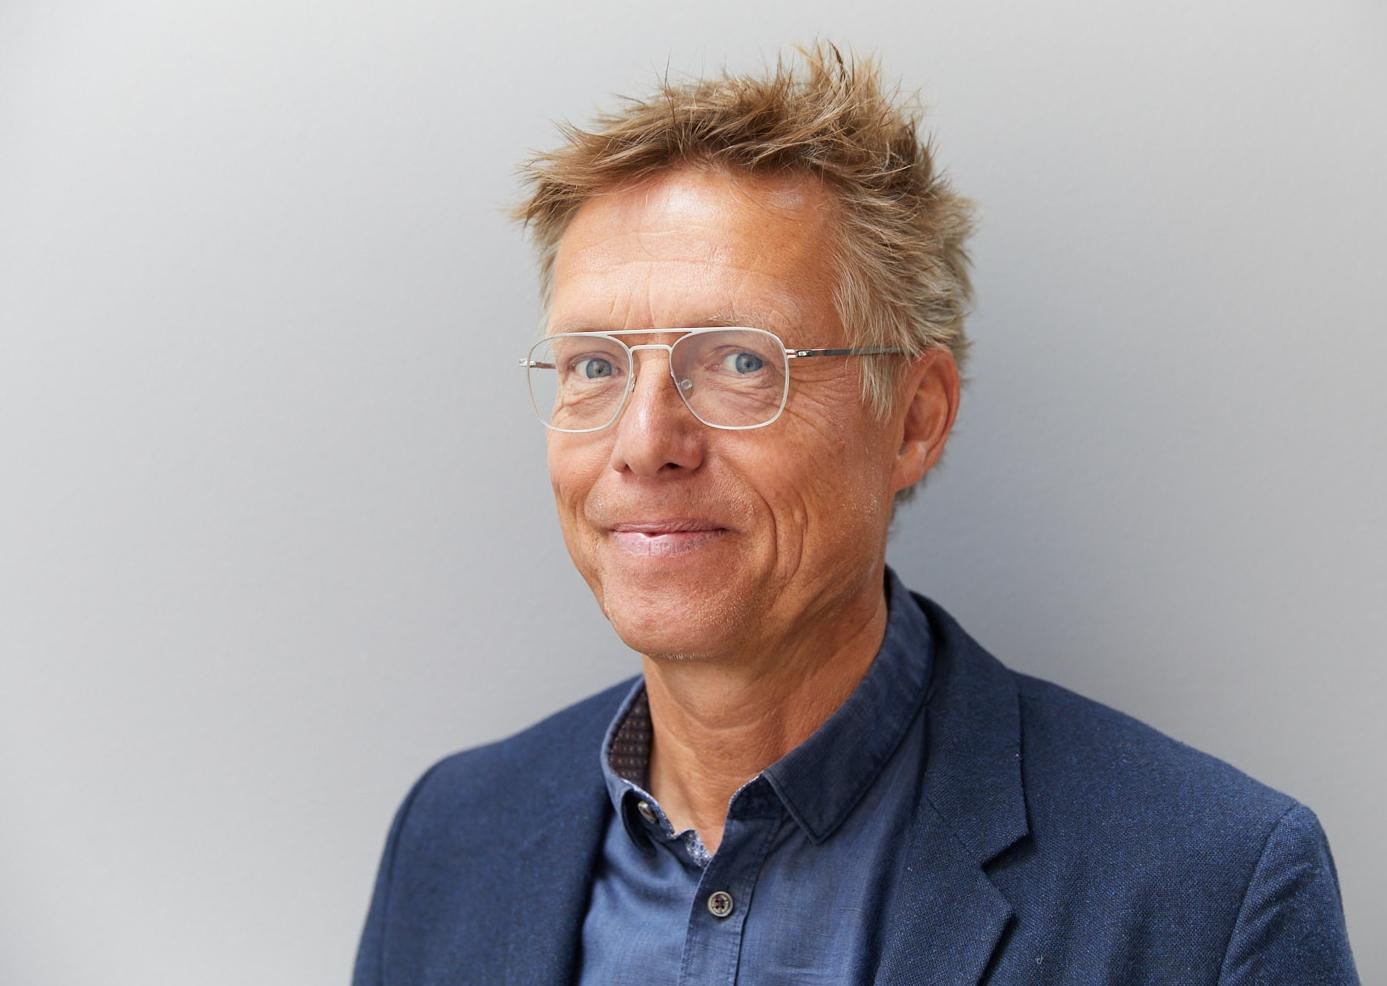 Jan Matser